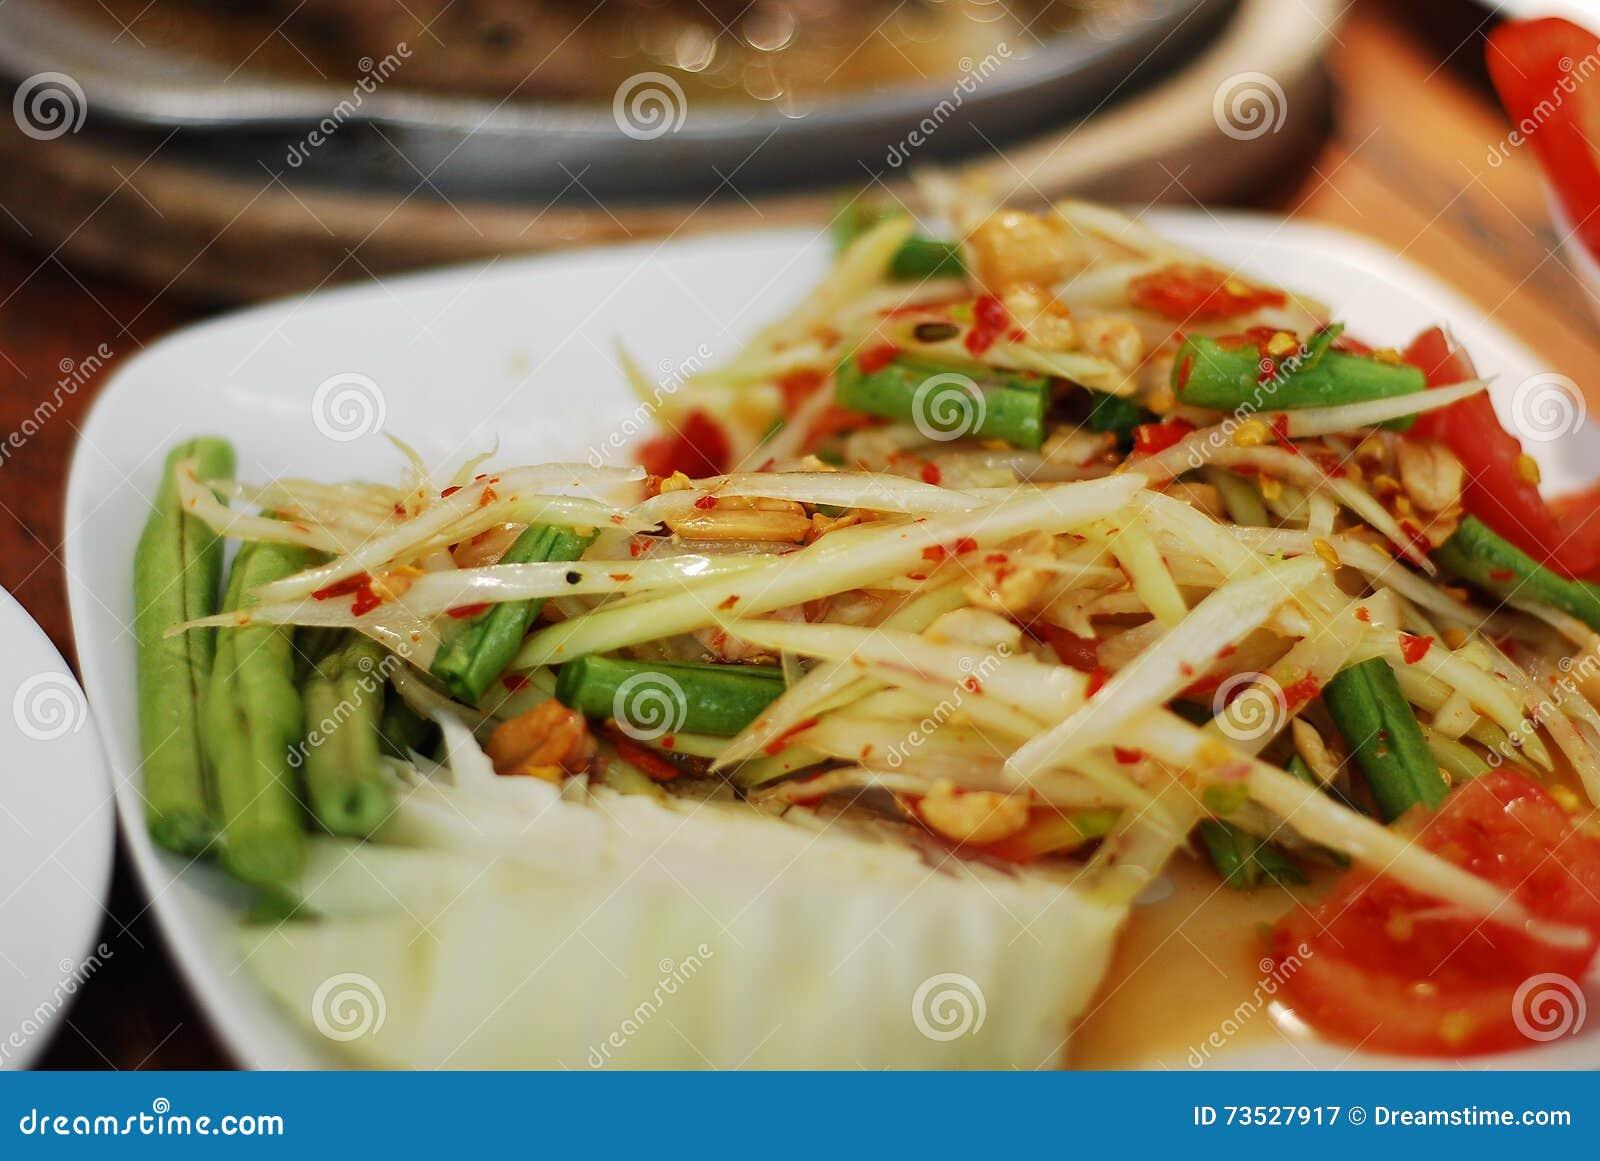 Ταϊλανδικό PAPAYA SOM-Tam σαλάτας